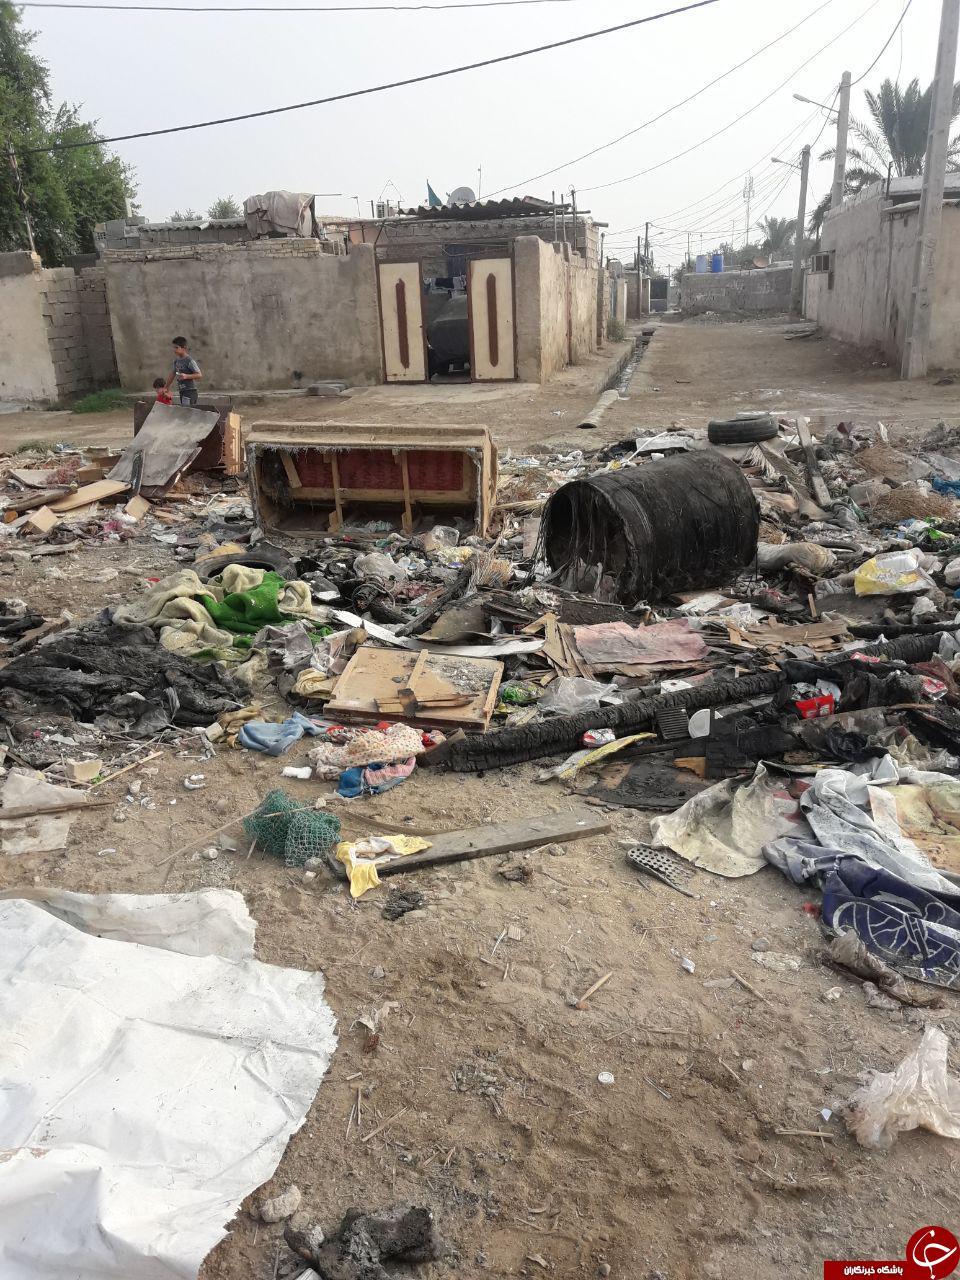 وضعیت نامناسب بهداشت معابر در شهرک شهید صباغان + تصاویر